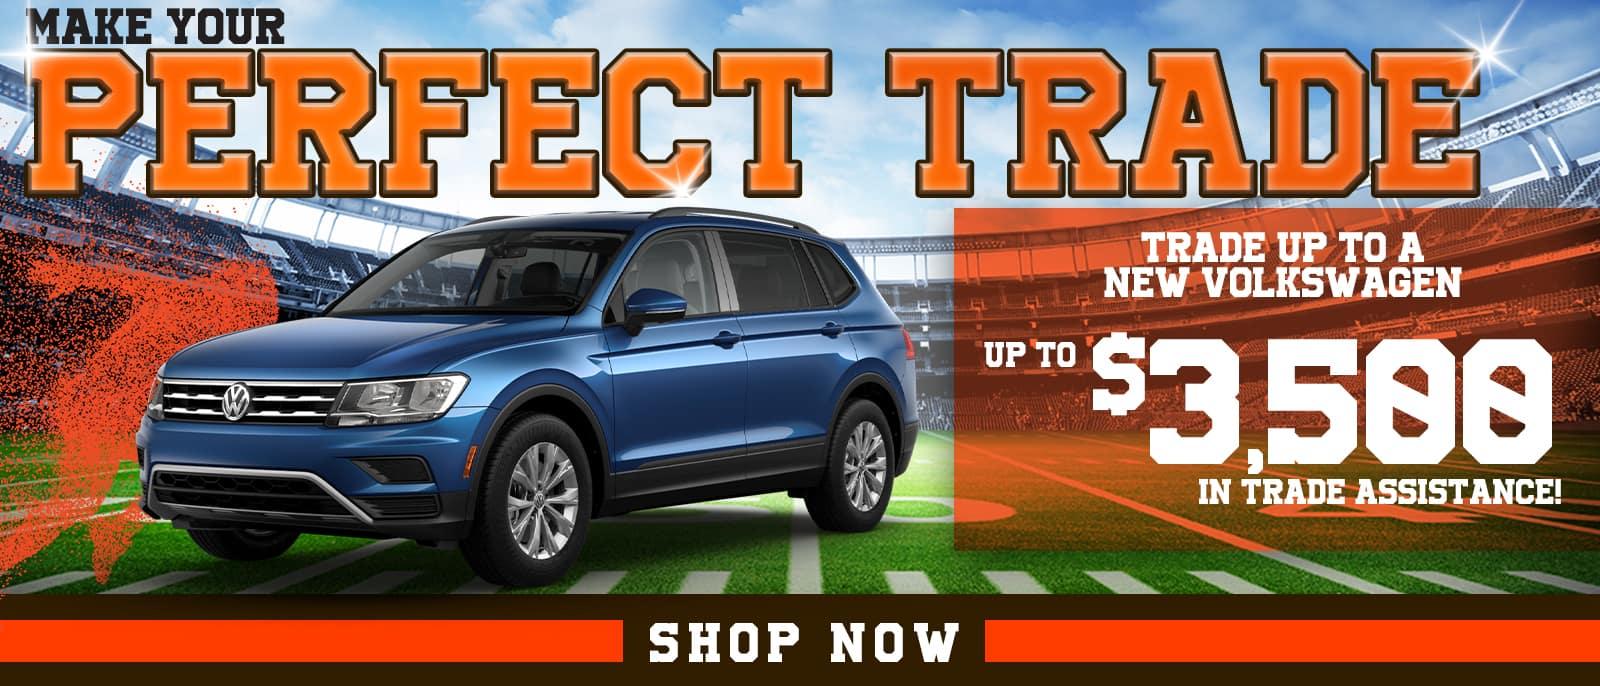 Spitzer Volkswagen | Volkswagen Dealer in Amherst, OH